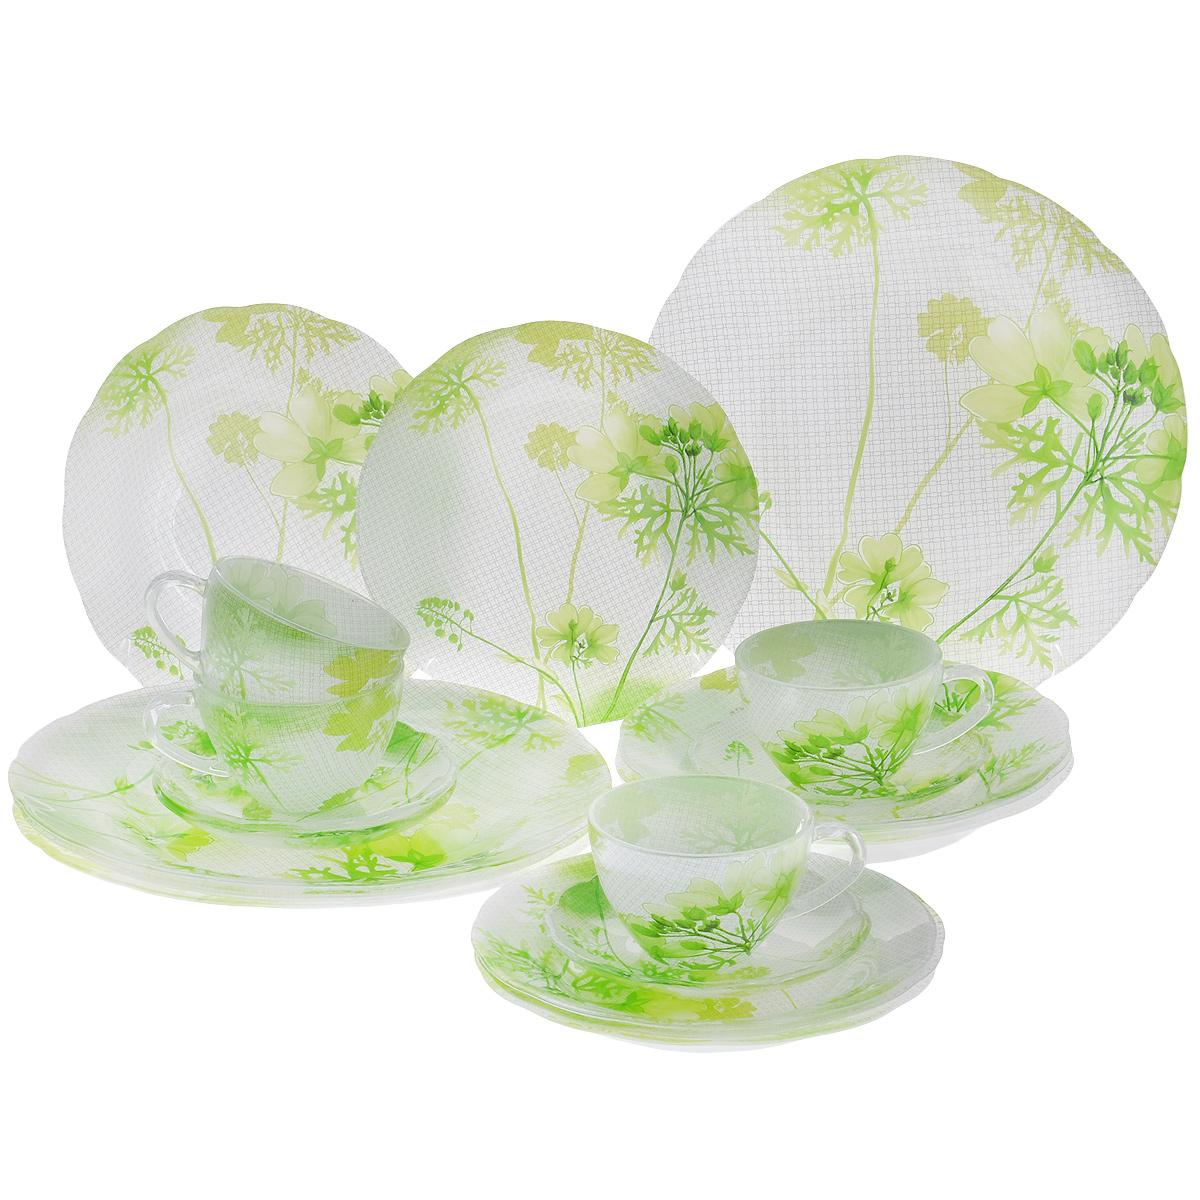 Набор посуды Яркие цветы, 20 предметов115610Набор посуды состоит из 4 чашек, 4 блюдец, 4 тарелок для супа, 4 обеденных тарелок, 4 десертных тарелок. Изделия выполнены из высококачественного стекла и оформлены изображением цветов. Этот набор эффектно украсит стол к обеду, а также прекрасно подойдет для торжественных случаев. Красочность оформления придется по вкусу и ценителям классики, и тем, кто предпочитает утонченность и изящность.